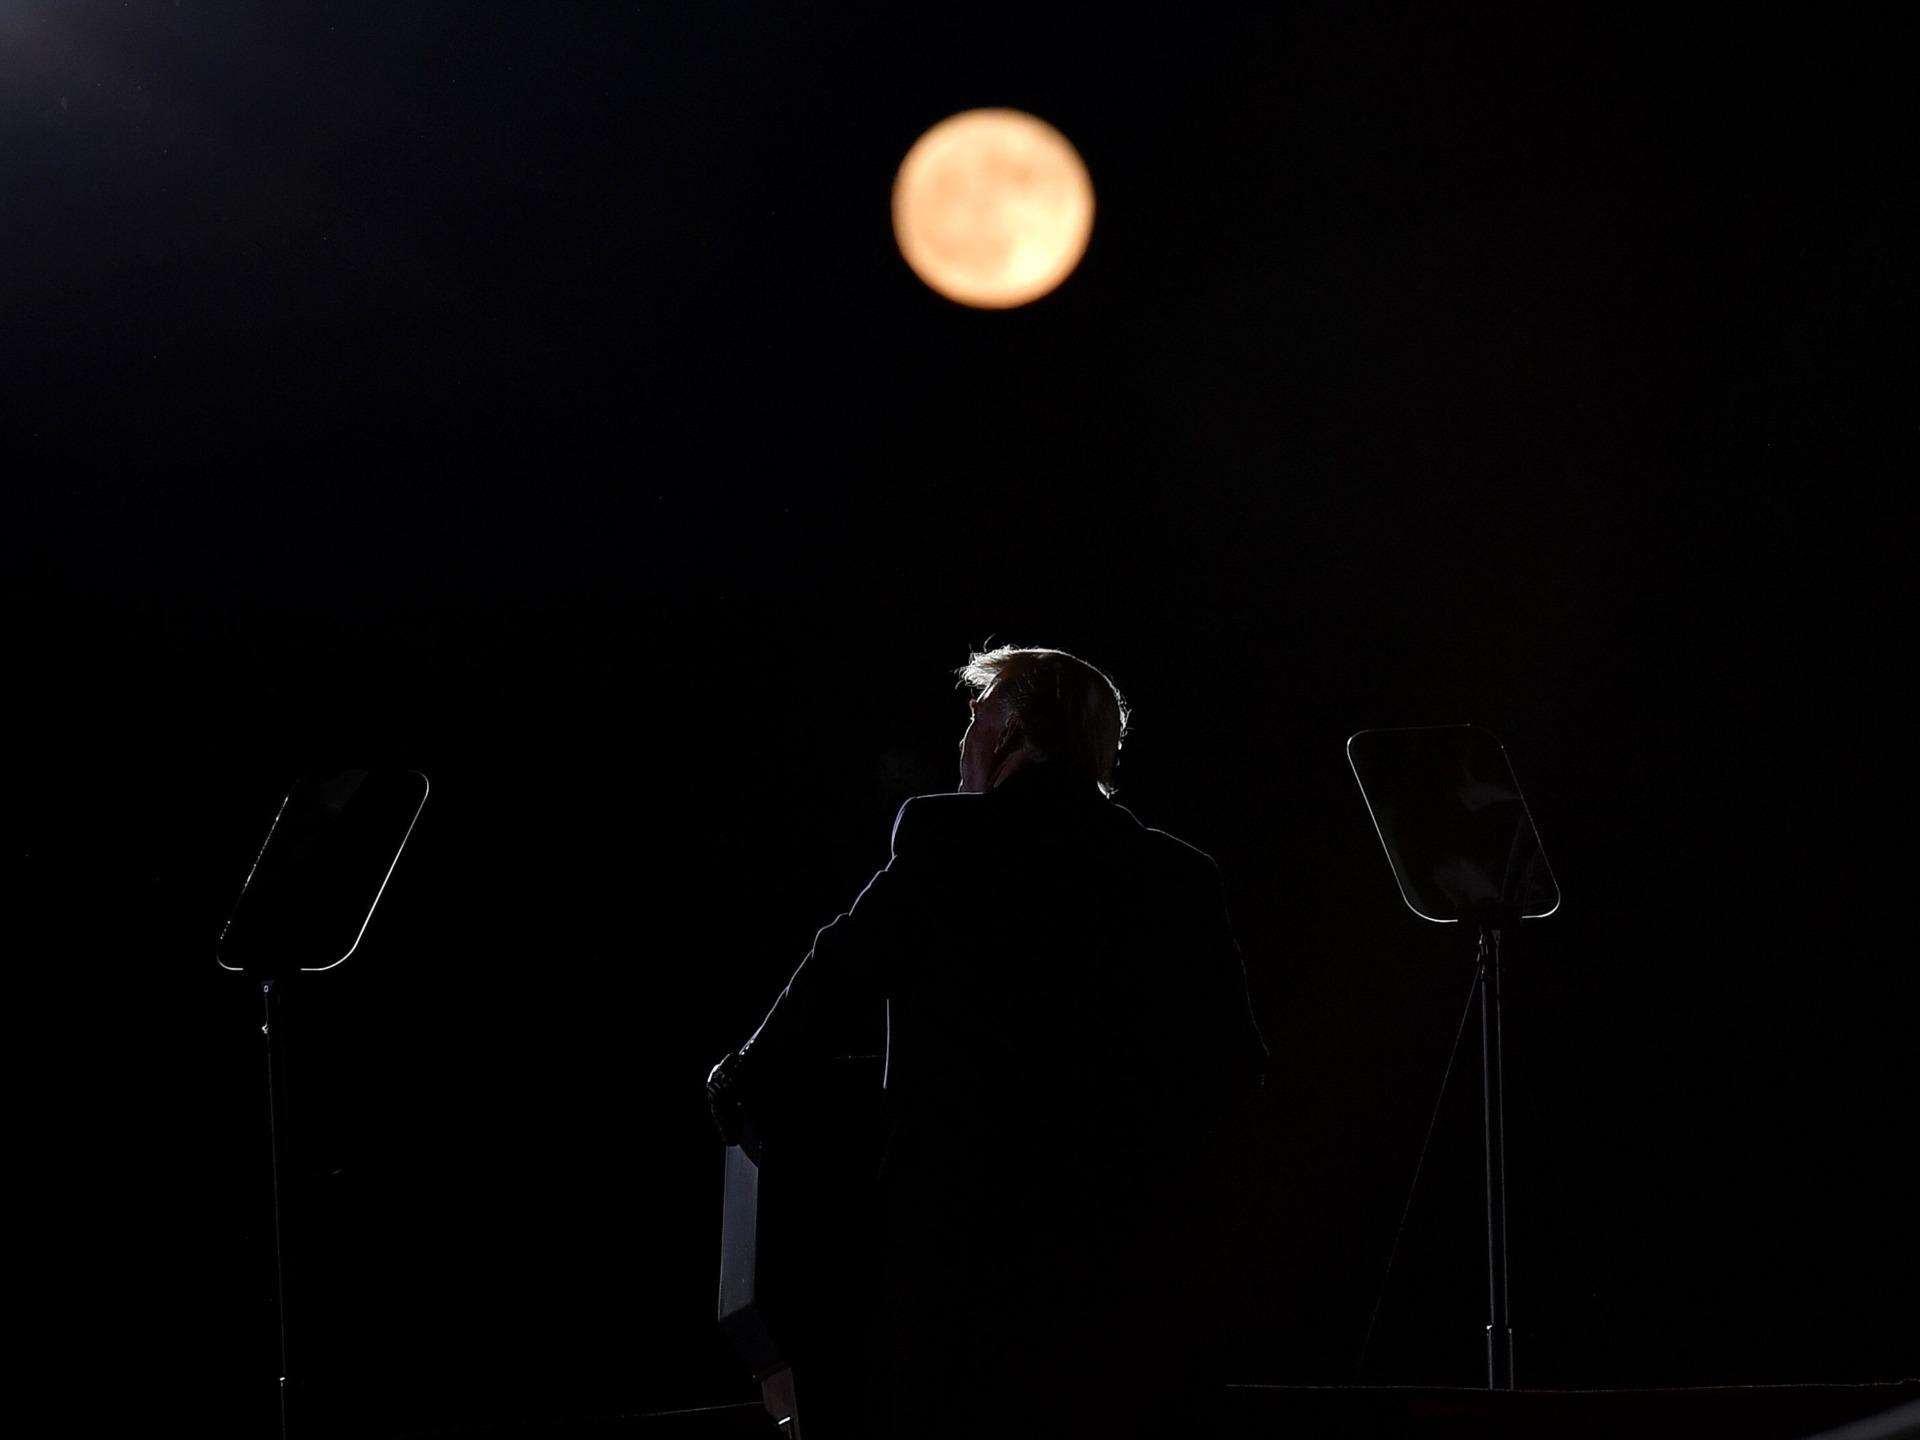 Trump full moon Pennsylvania (Mandel Ngan / Getty)